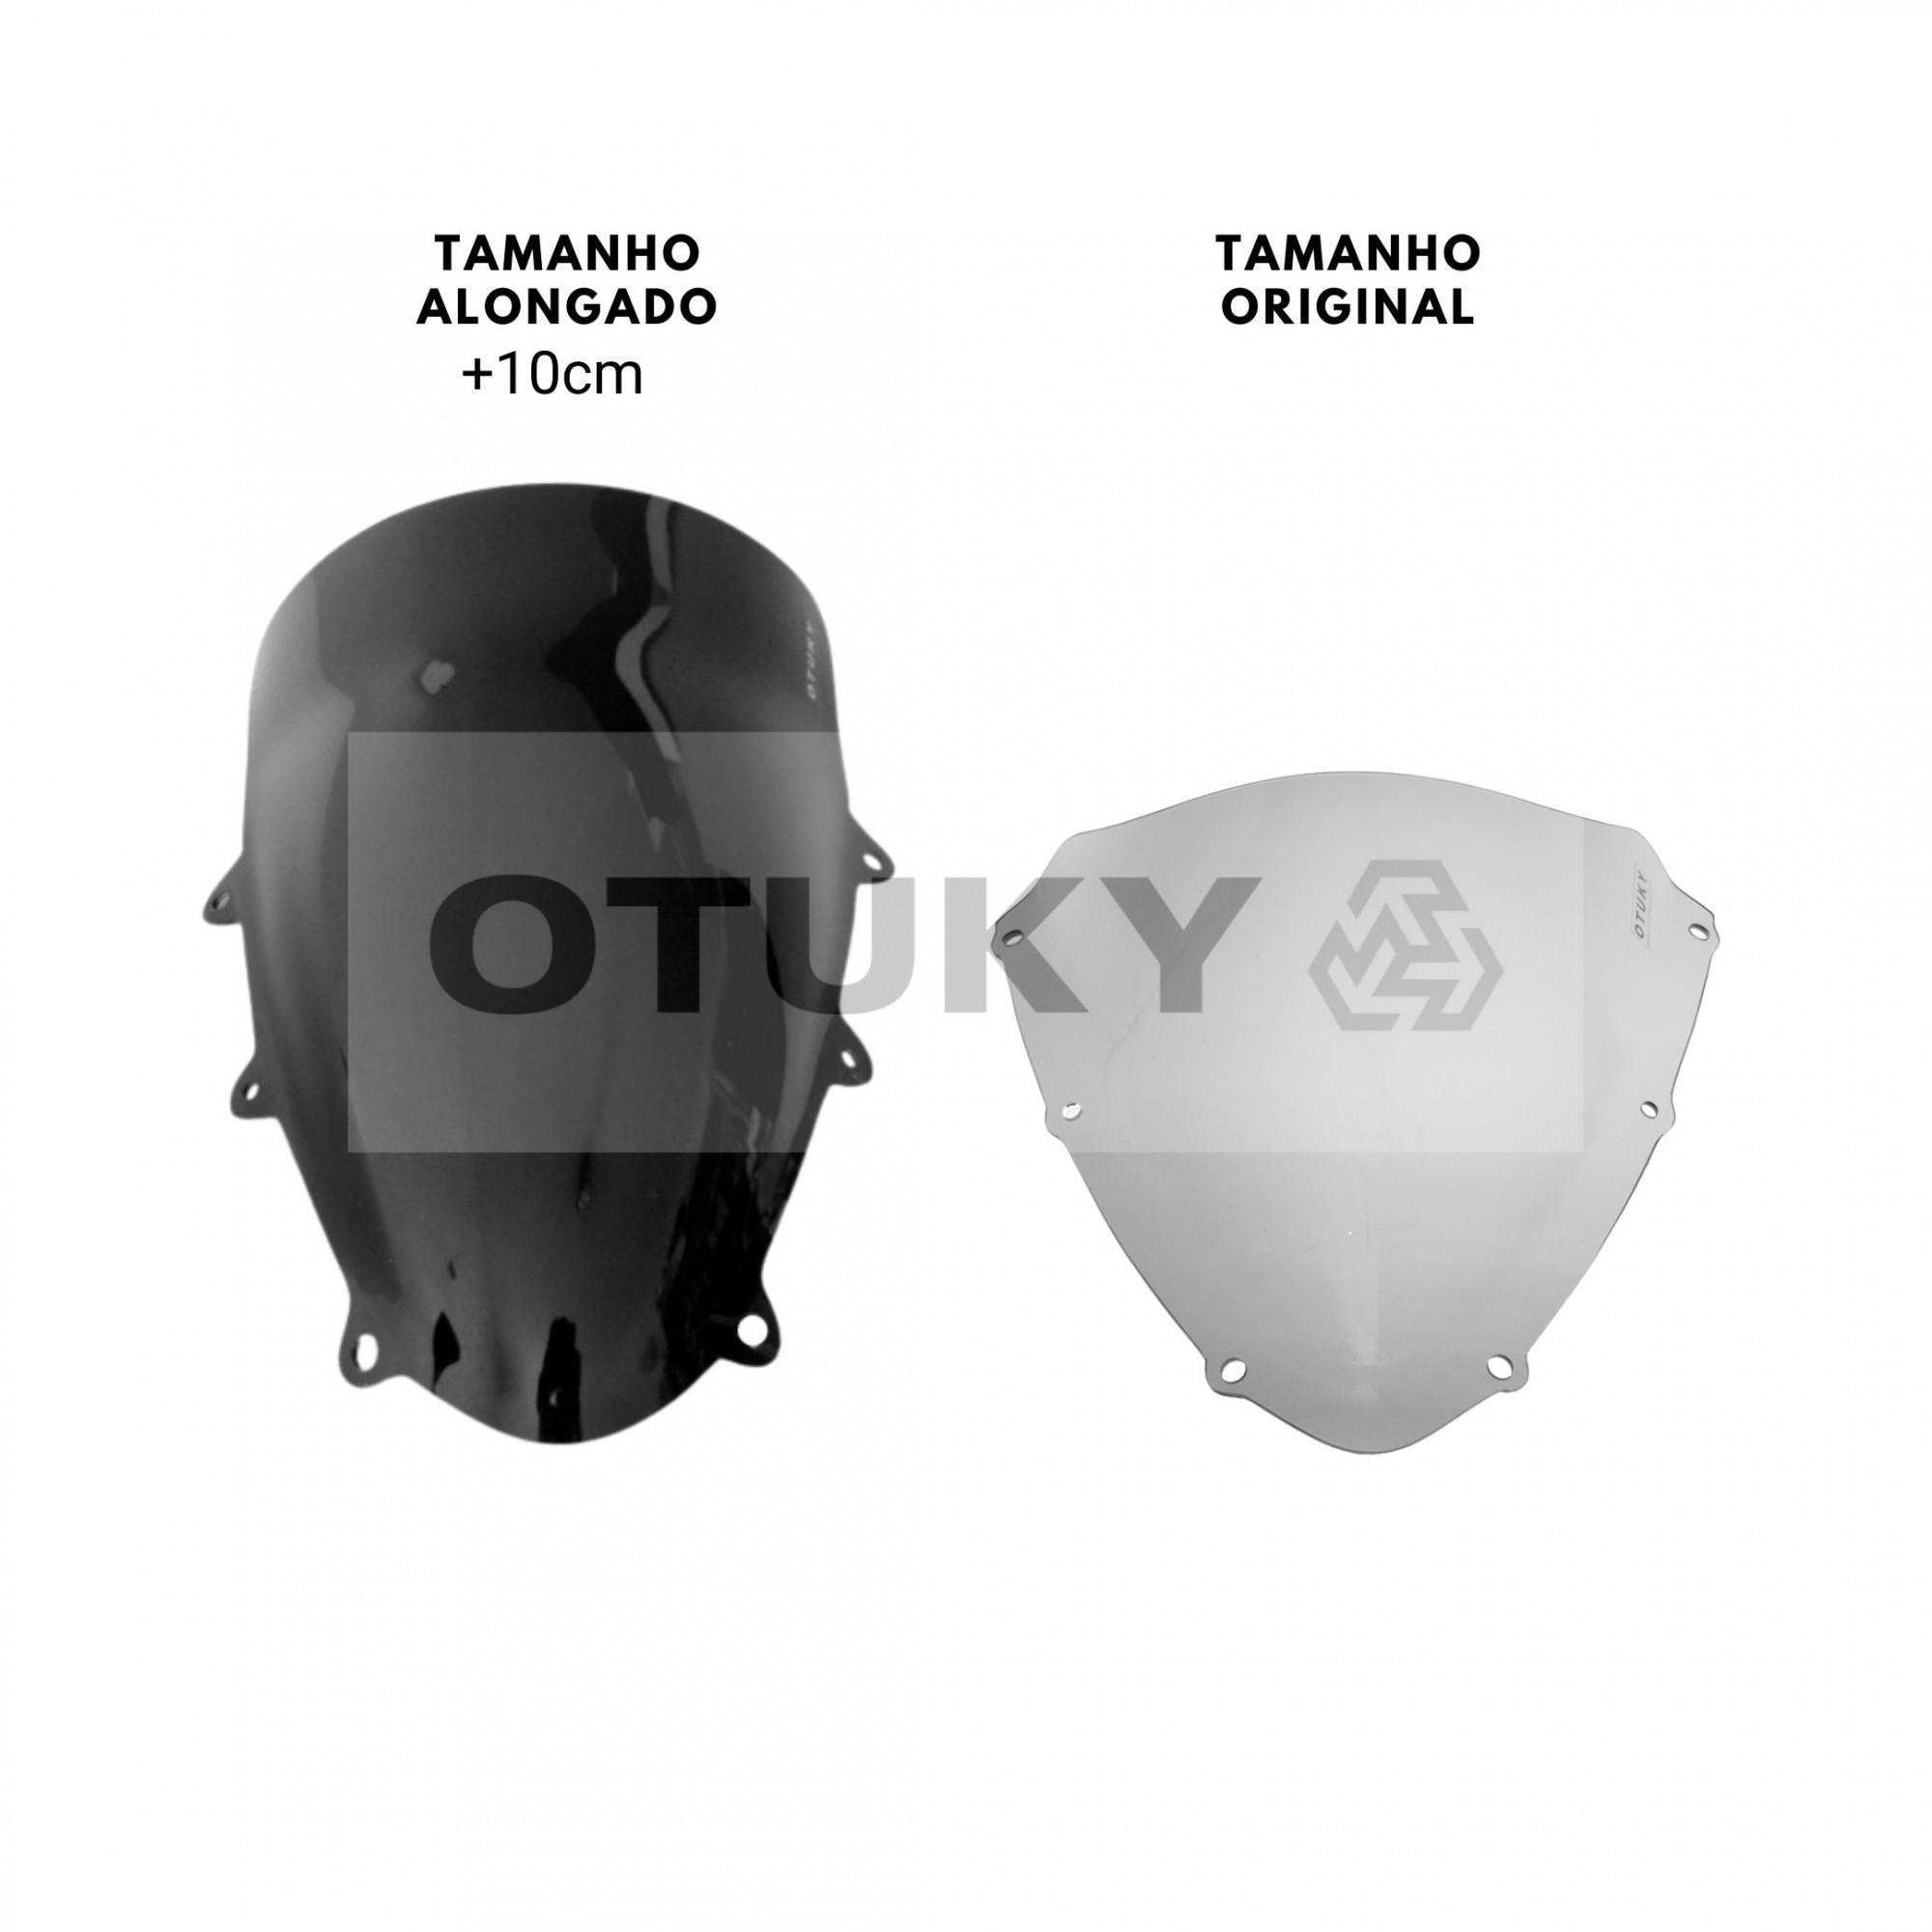 Bolha para Moto Srad 750 GSX-R 2010 2011 2012 2013 Alongada +10cm Otuky